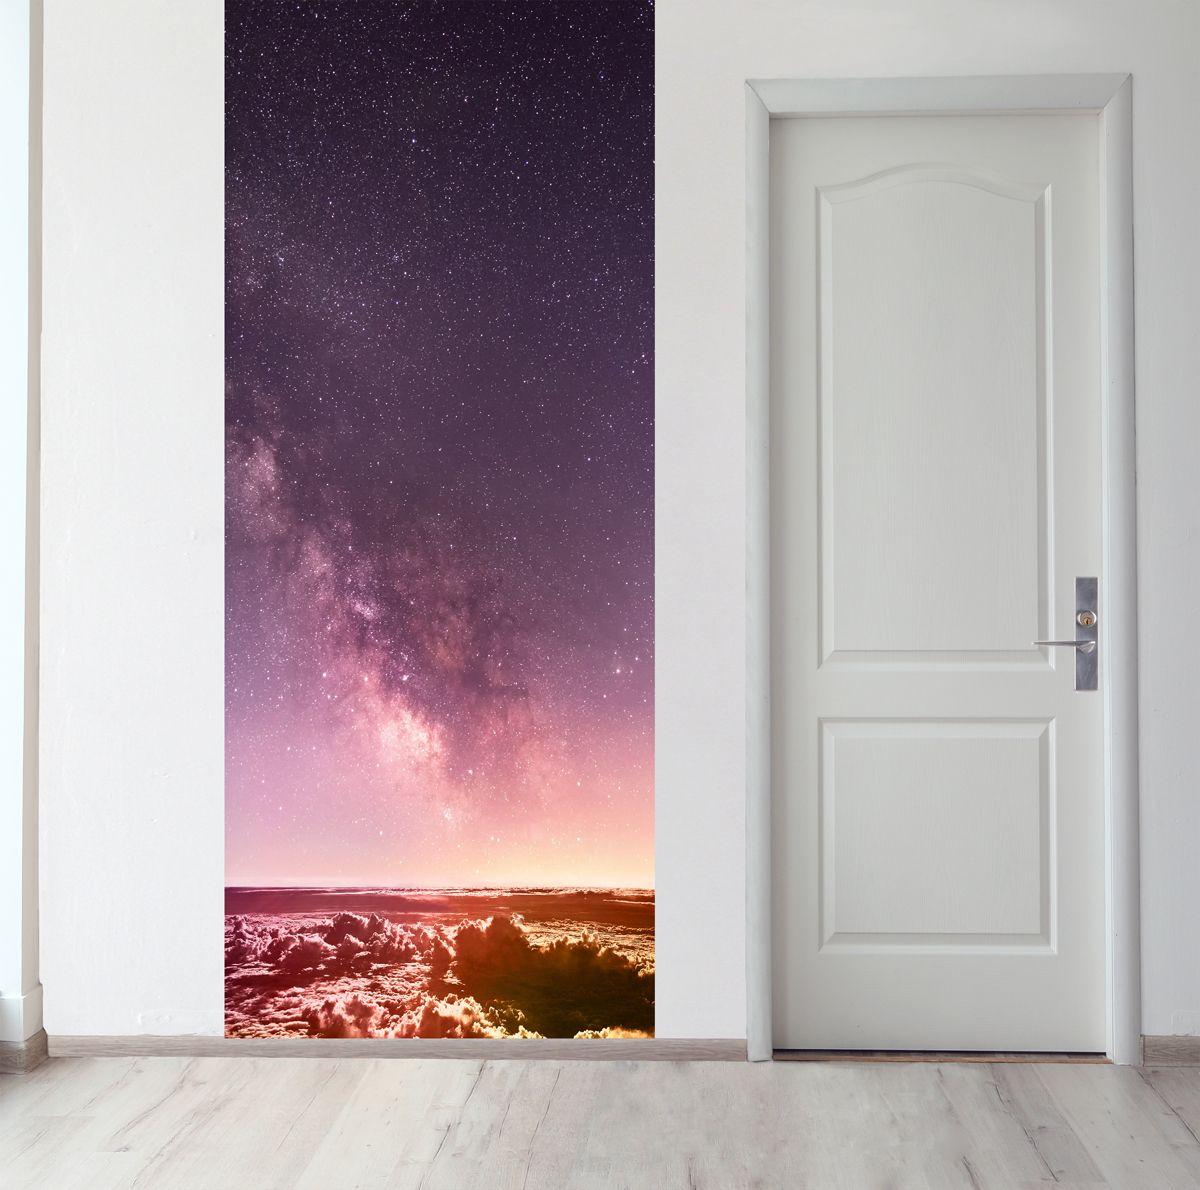 Панно на стену - Над облаками магазин Интерьерные наклейки